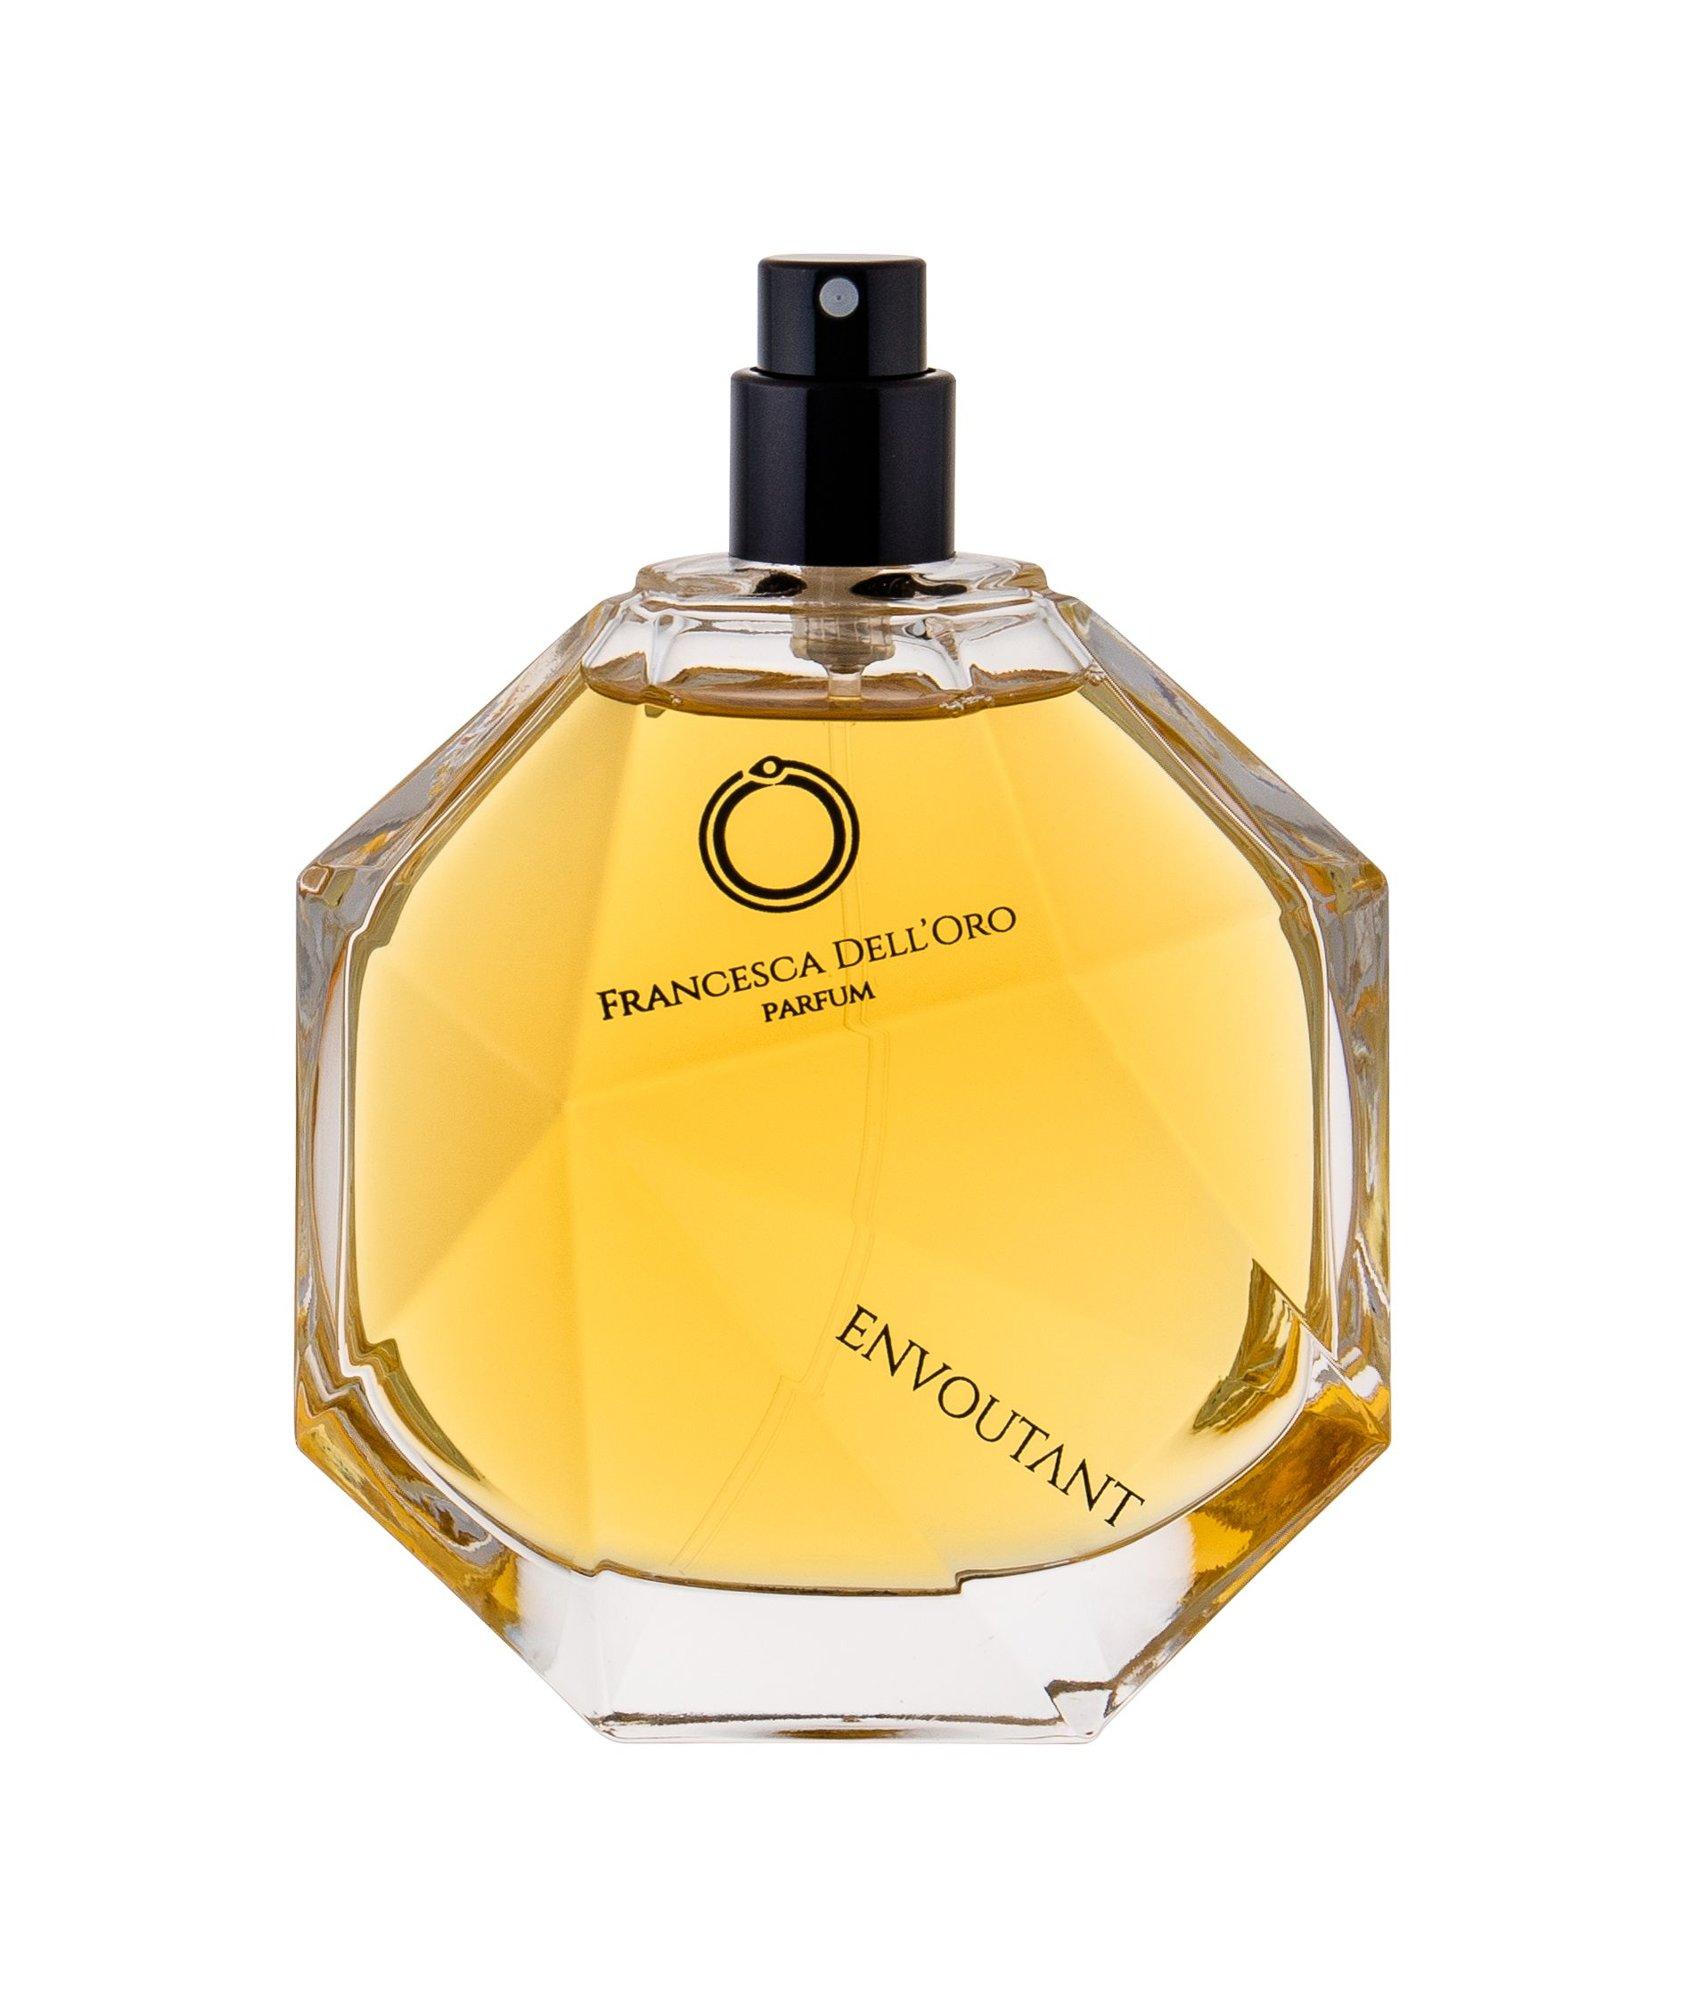 Francesca dell´Oro Envoutant Eau de Parfum 100ml